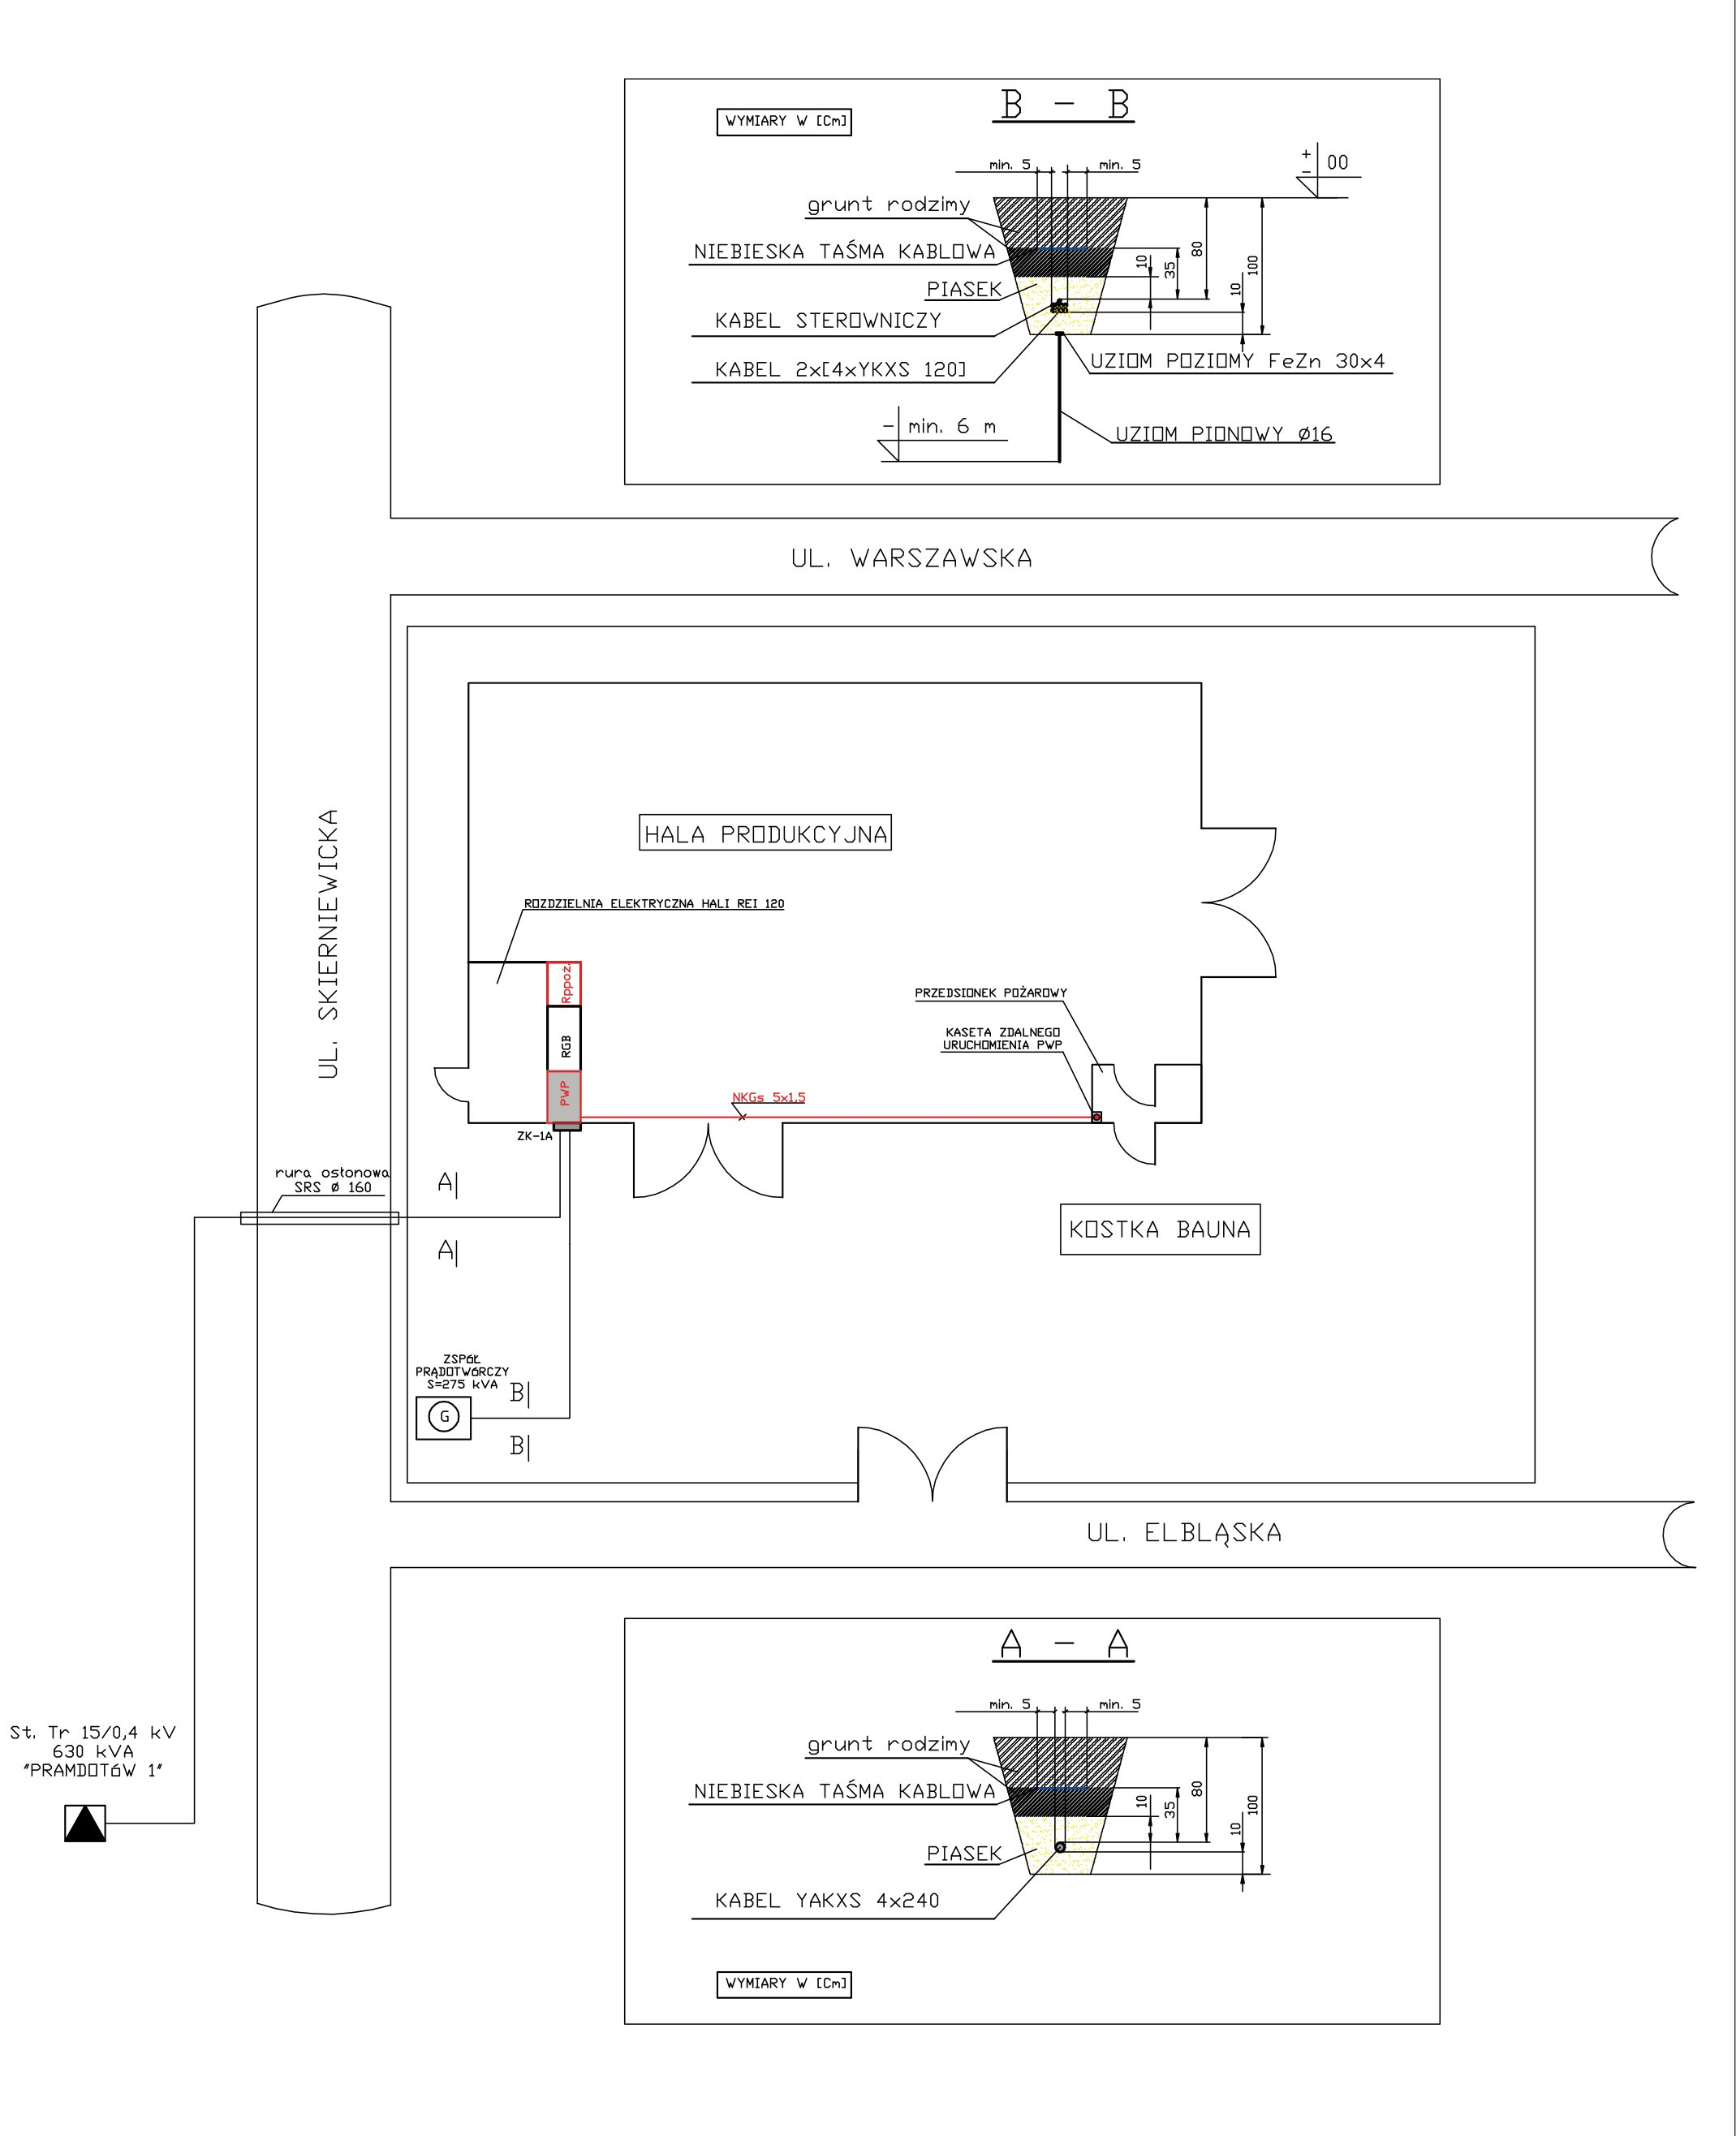 Uproszczony projekt zasilania hali produkcyjnej